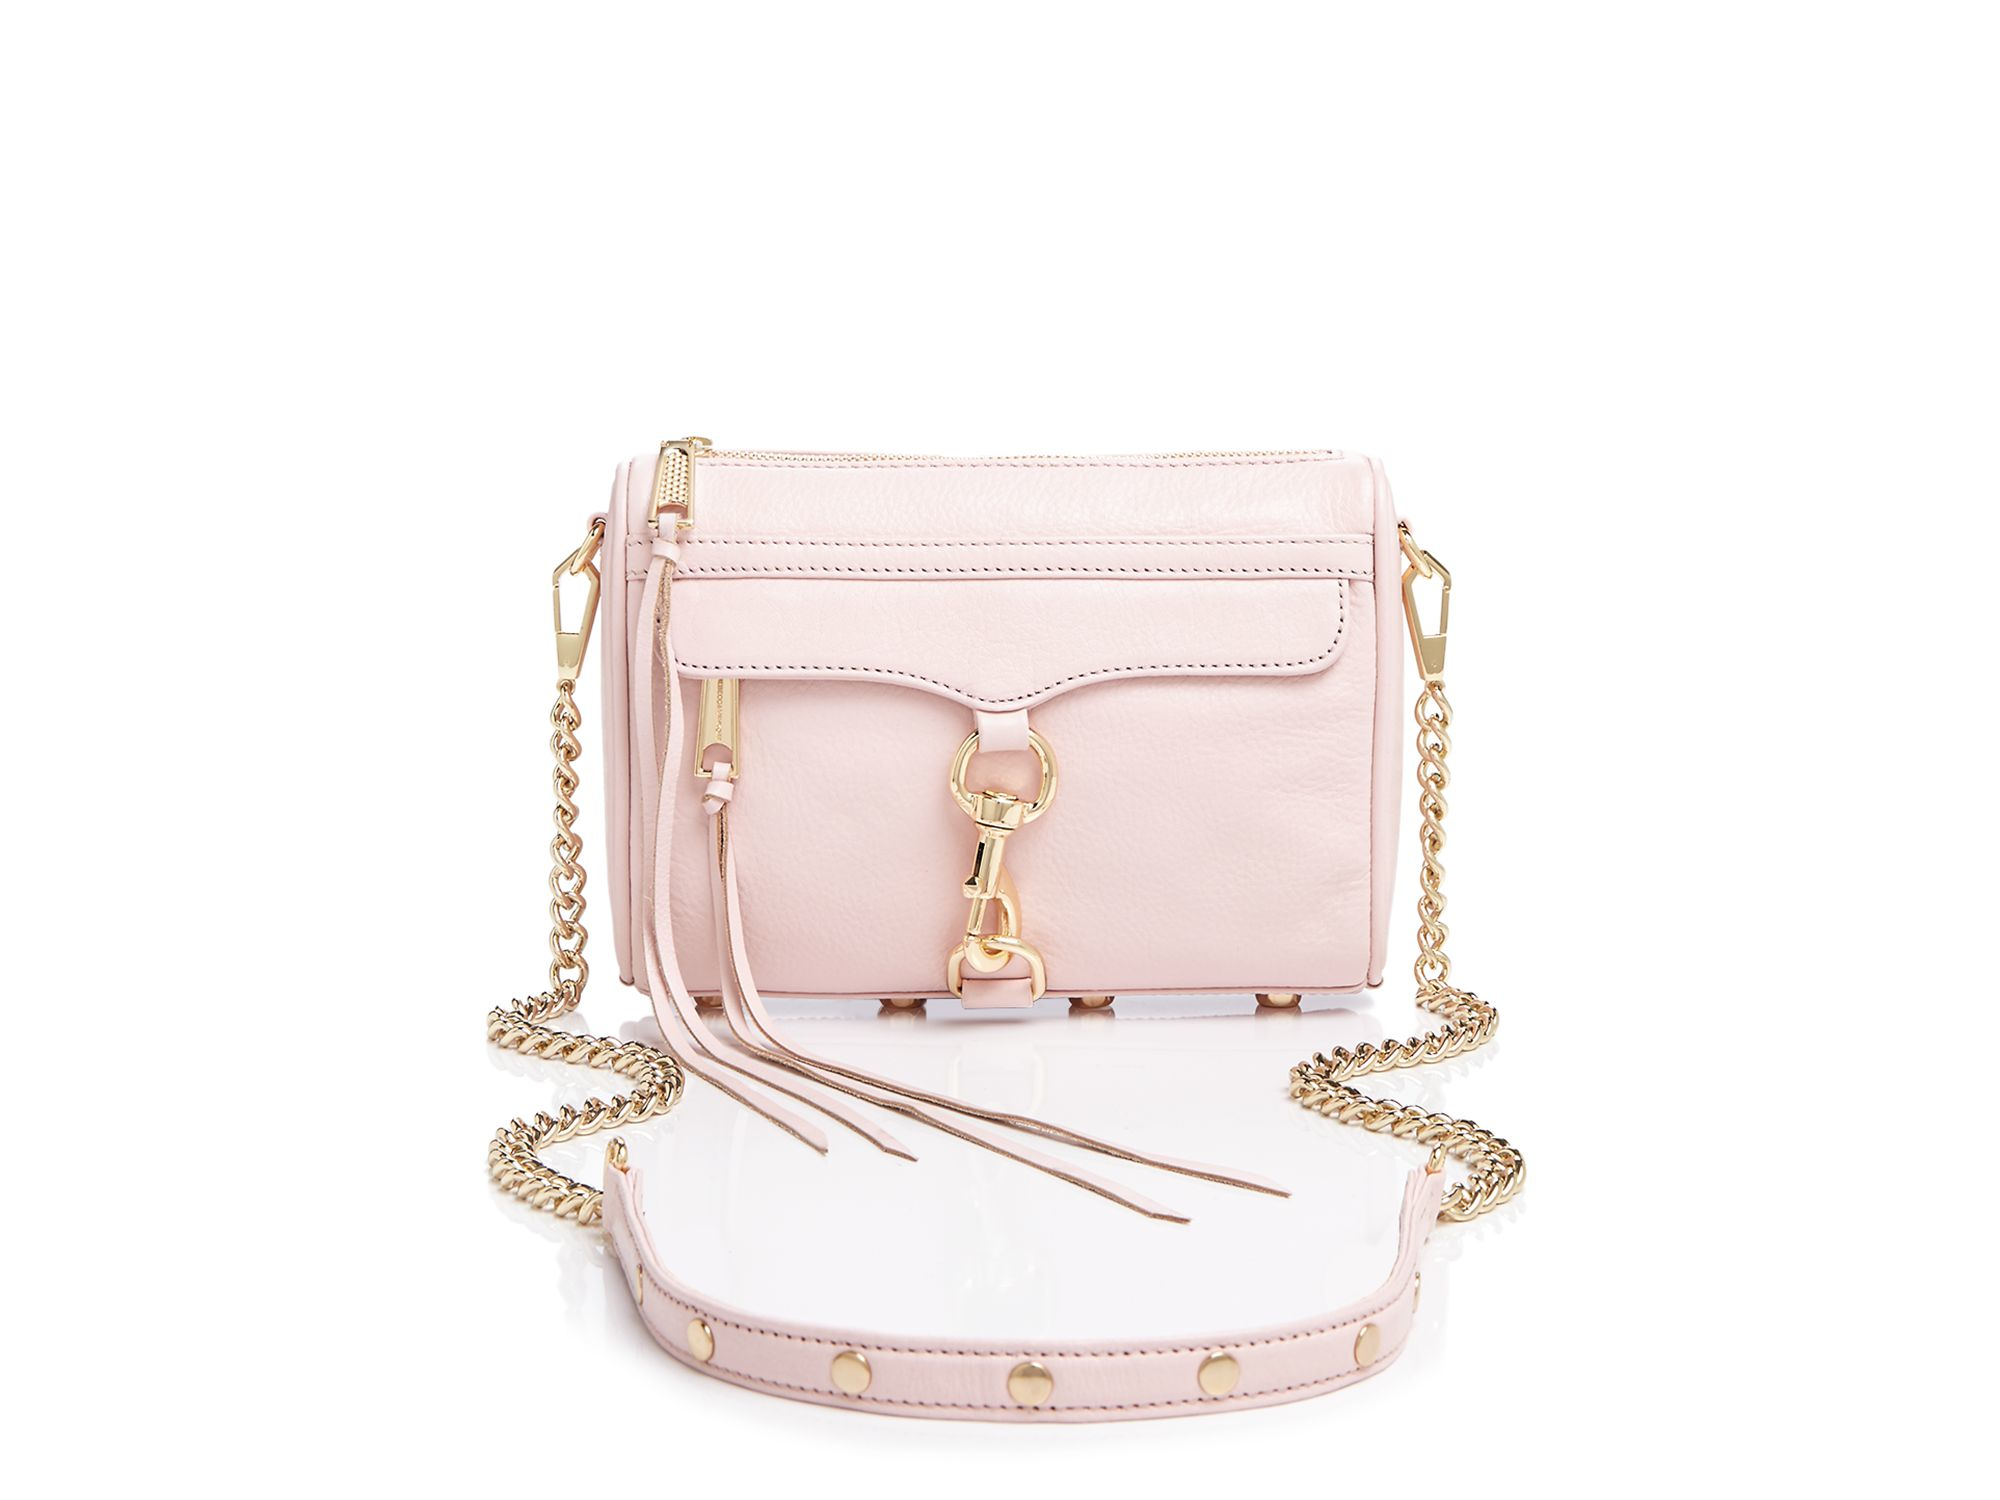 f4d101bbab6 Rebecca Minkoff Pink Crossbody - Mini Mac